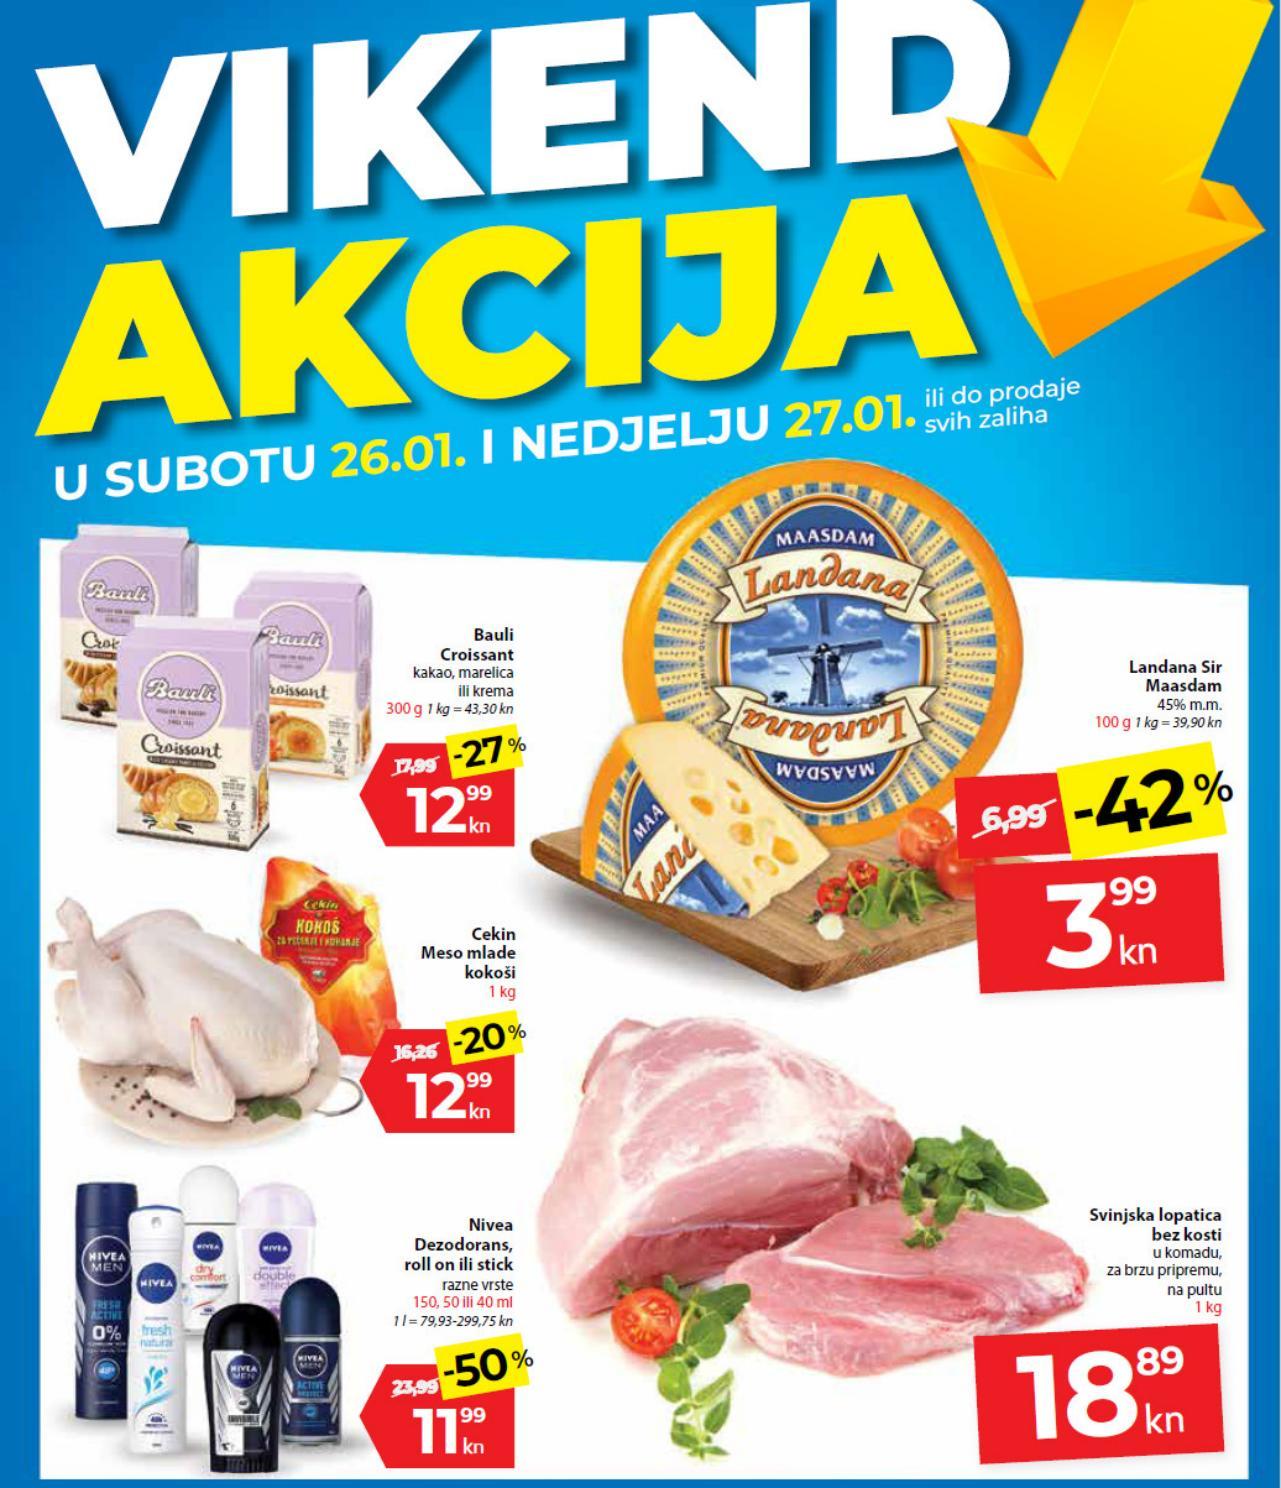 Top ponuda samo u subotu i nedjelju. Nova vikend akcija od 26.- 27.01.2019. u Kaufland supermarketima.